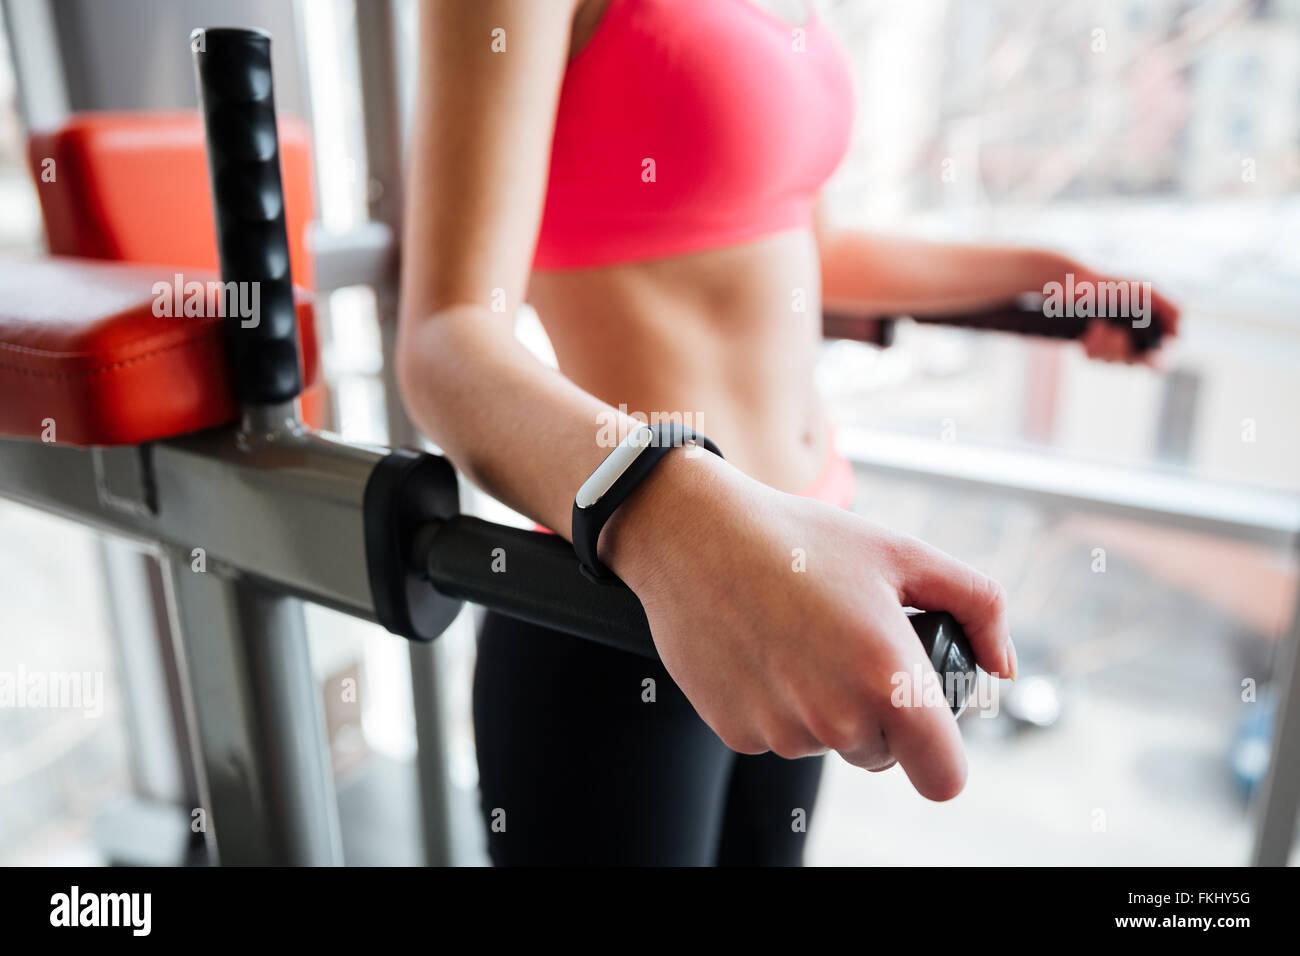 Attraktive junge Frau Athlet mit Fitness-Tracker auf der Seite Training im Fitness-Studio Stockbild